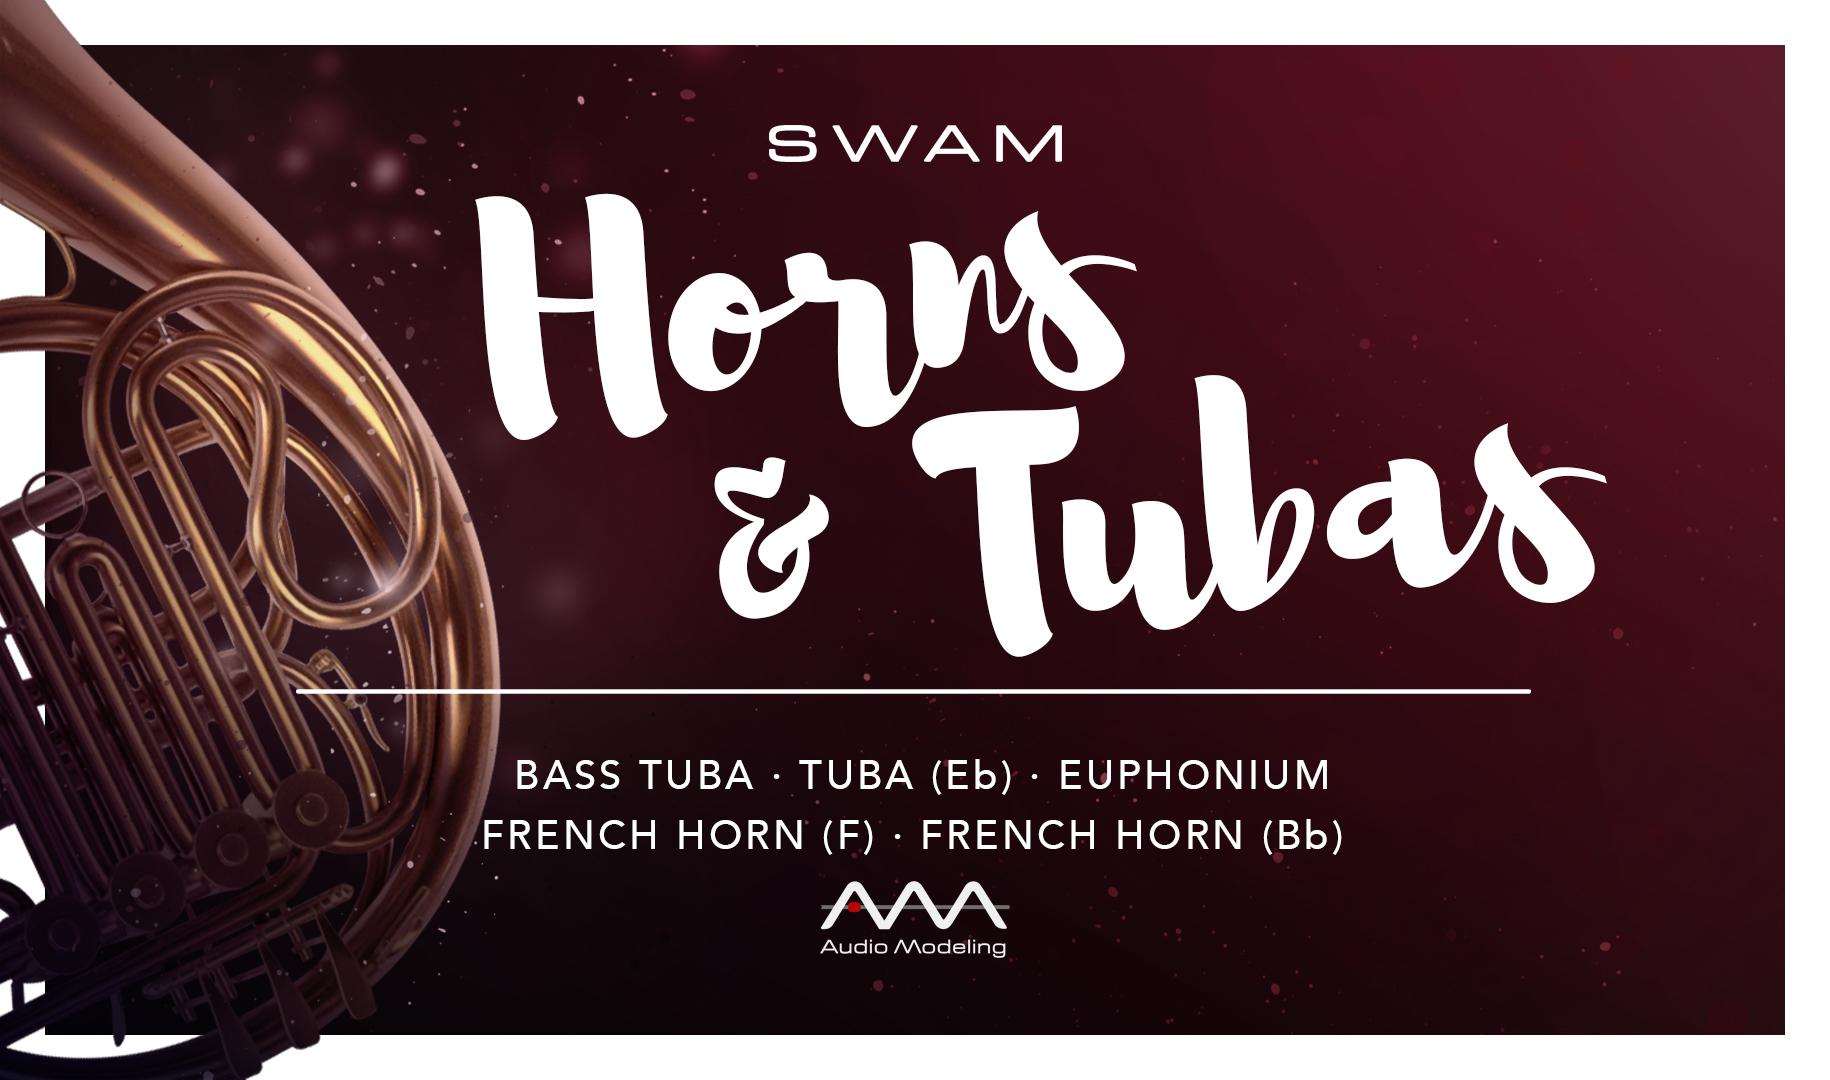 SWAM Horns & Tubas